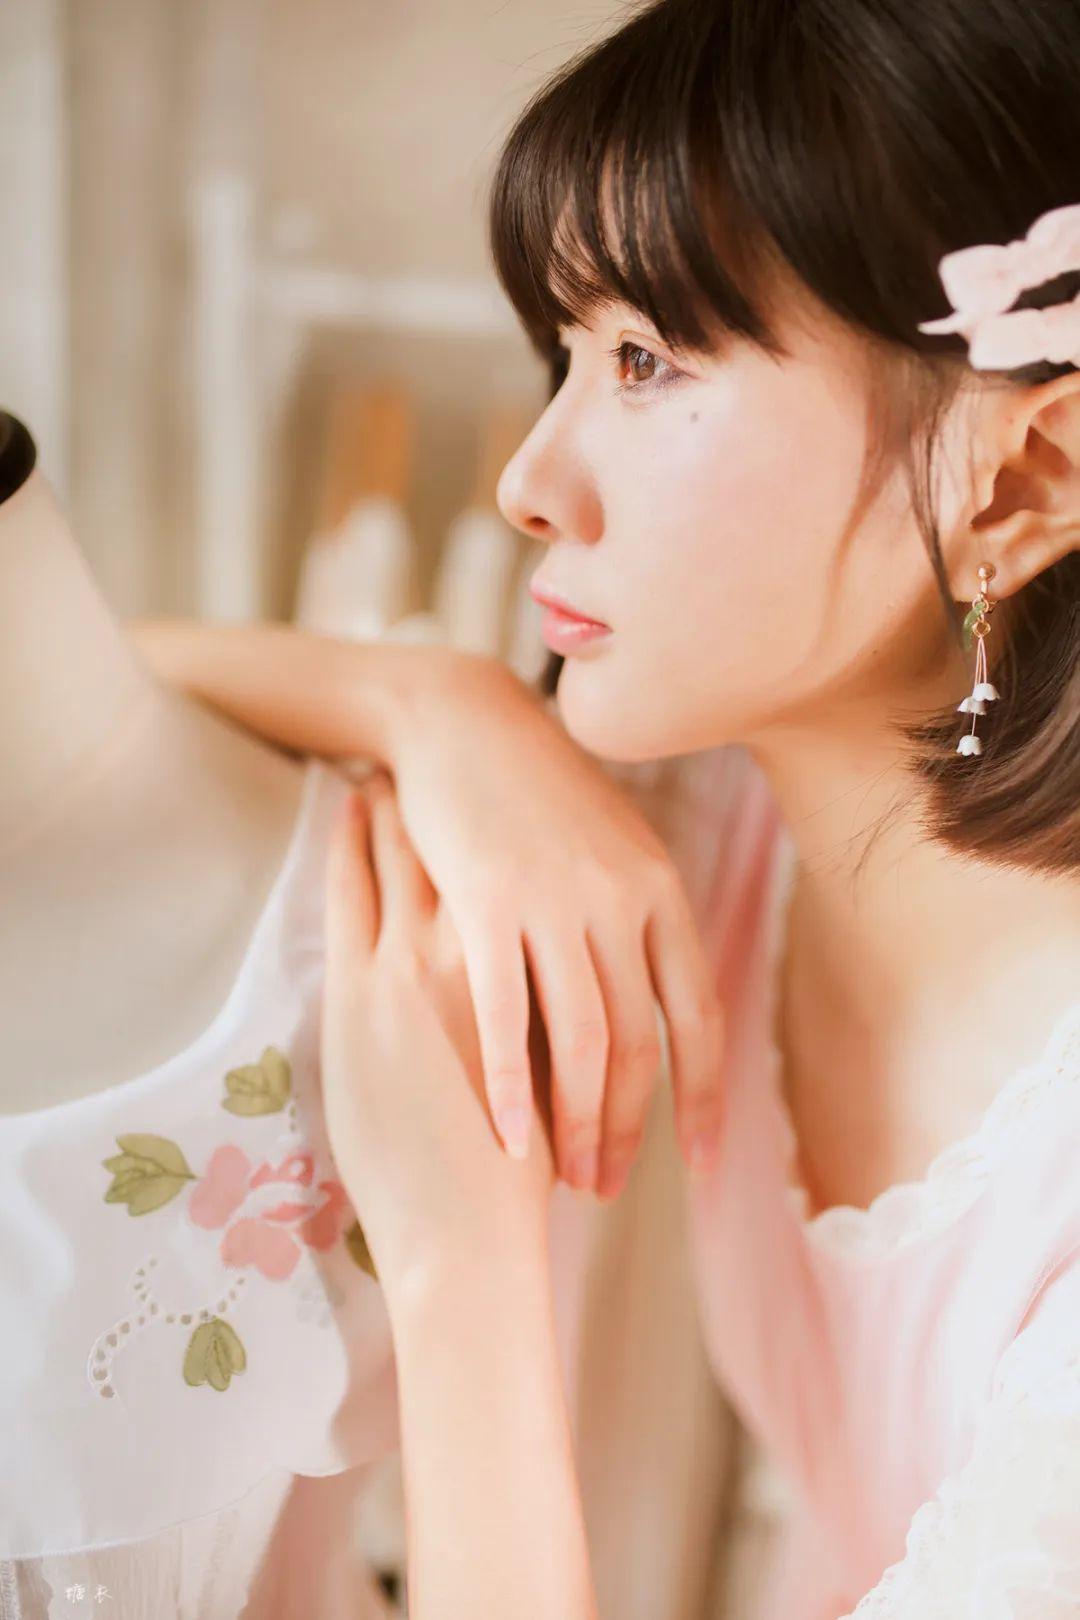 妹子摄影 – 粉色连衣裙姐妹花,双倍快乐_图片 No.5